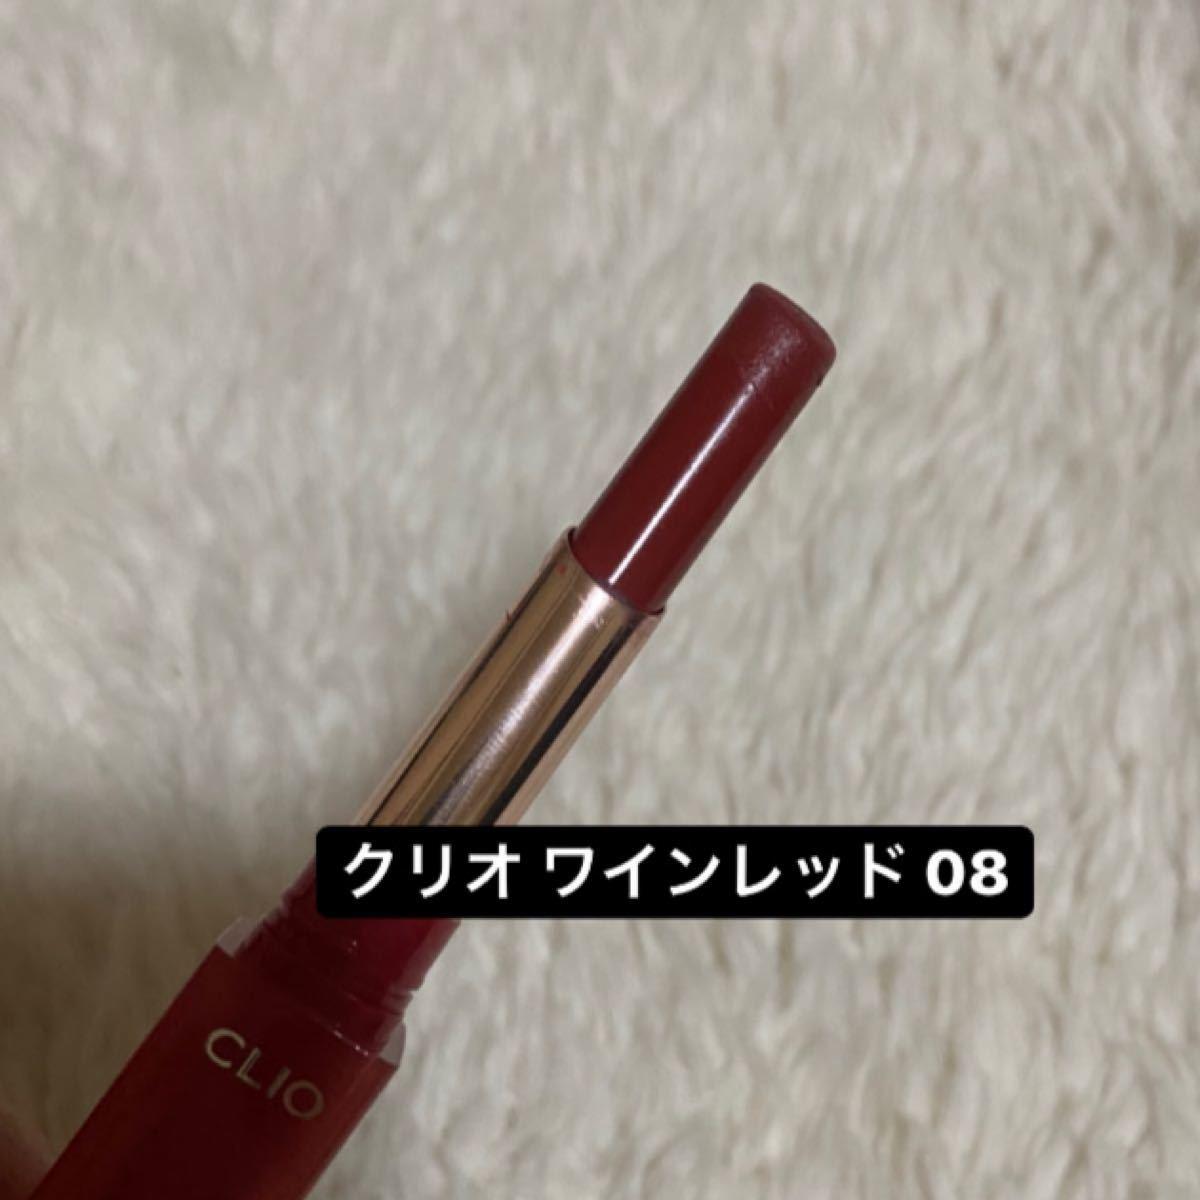 リップ まとめ売り リップグロス キャンメイク コスメ 化粧品